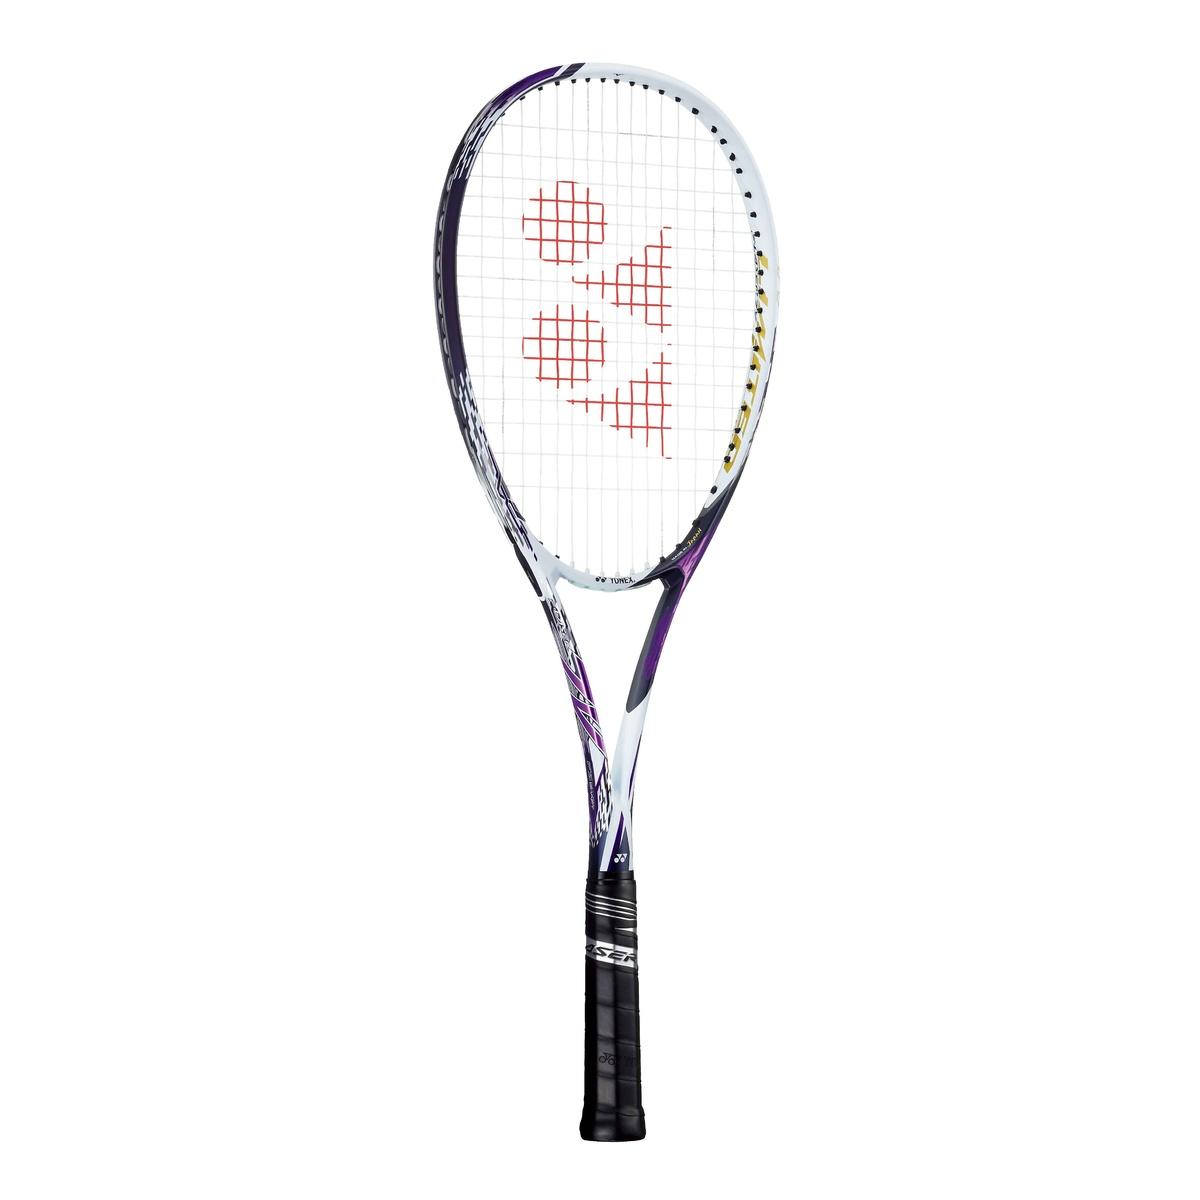 【送料無料】 YONEX (ヨネックス) 【フレームのみ】ソフトテニス フレームラケット エフレーザー7Vリミテッド FLR7VLD  773